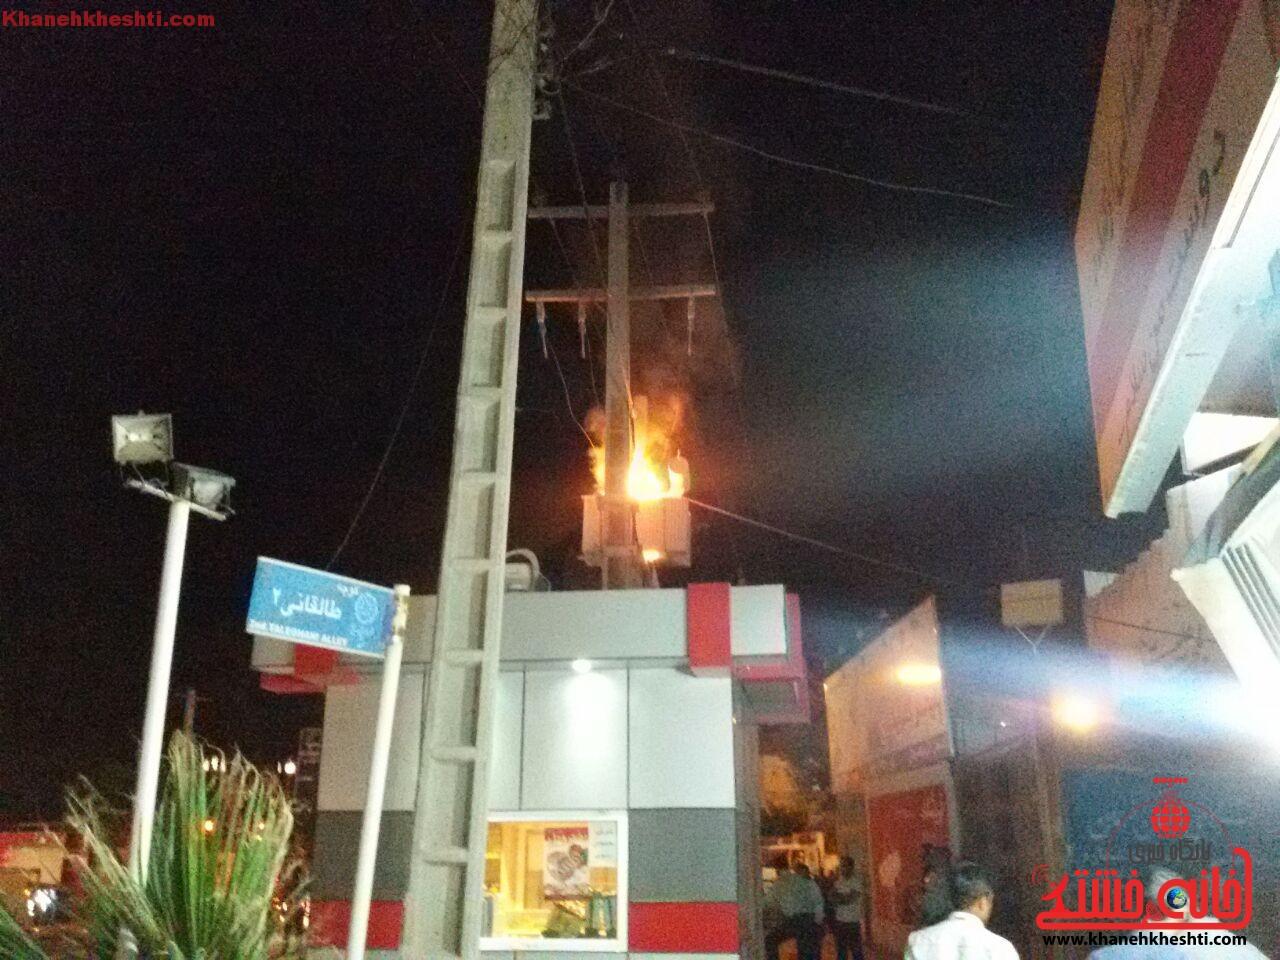 آتش سوزی ترانس برق در میدان علی بن ابیطالب (ع) رفسنجان